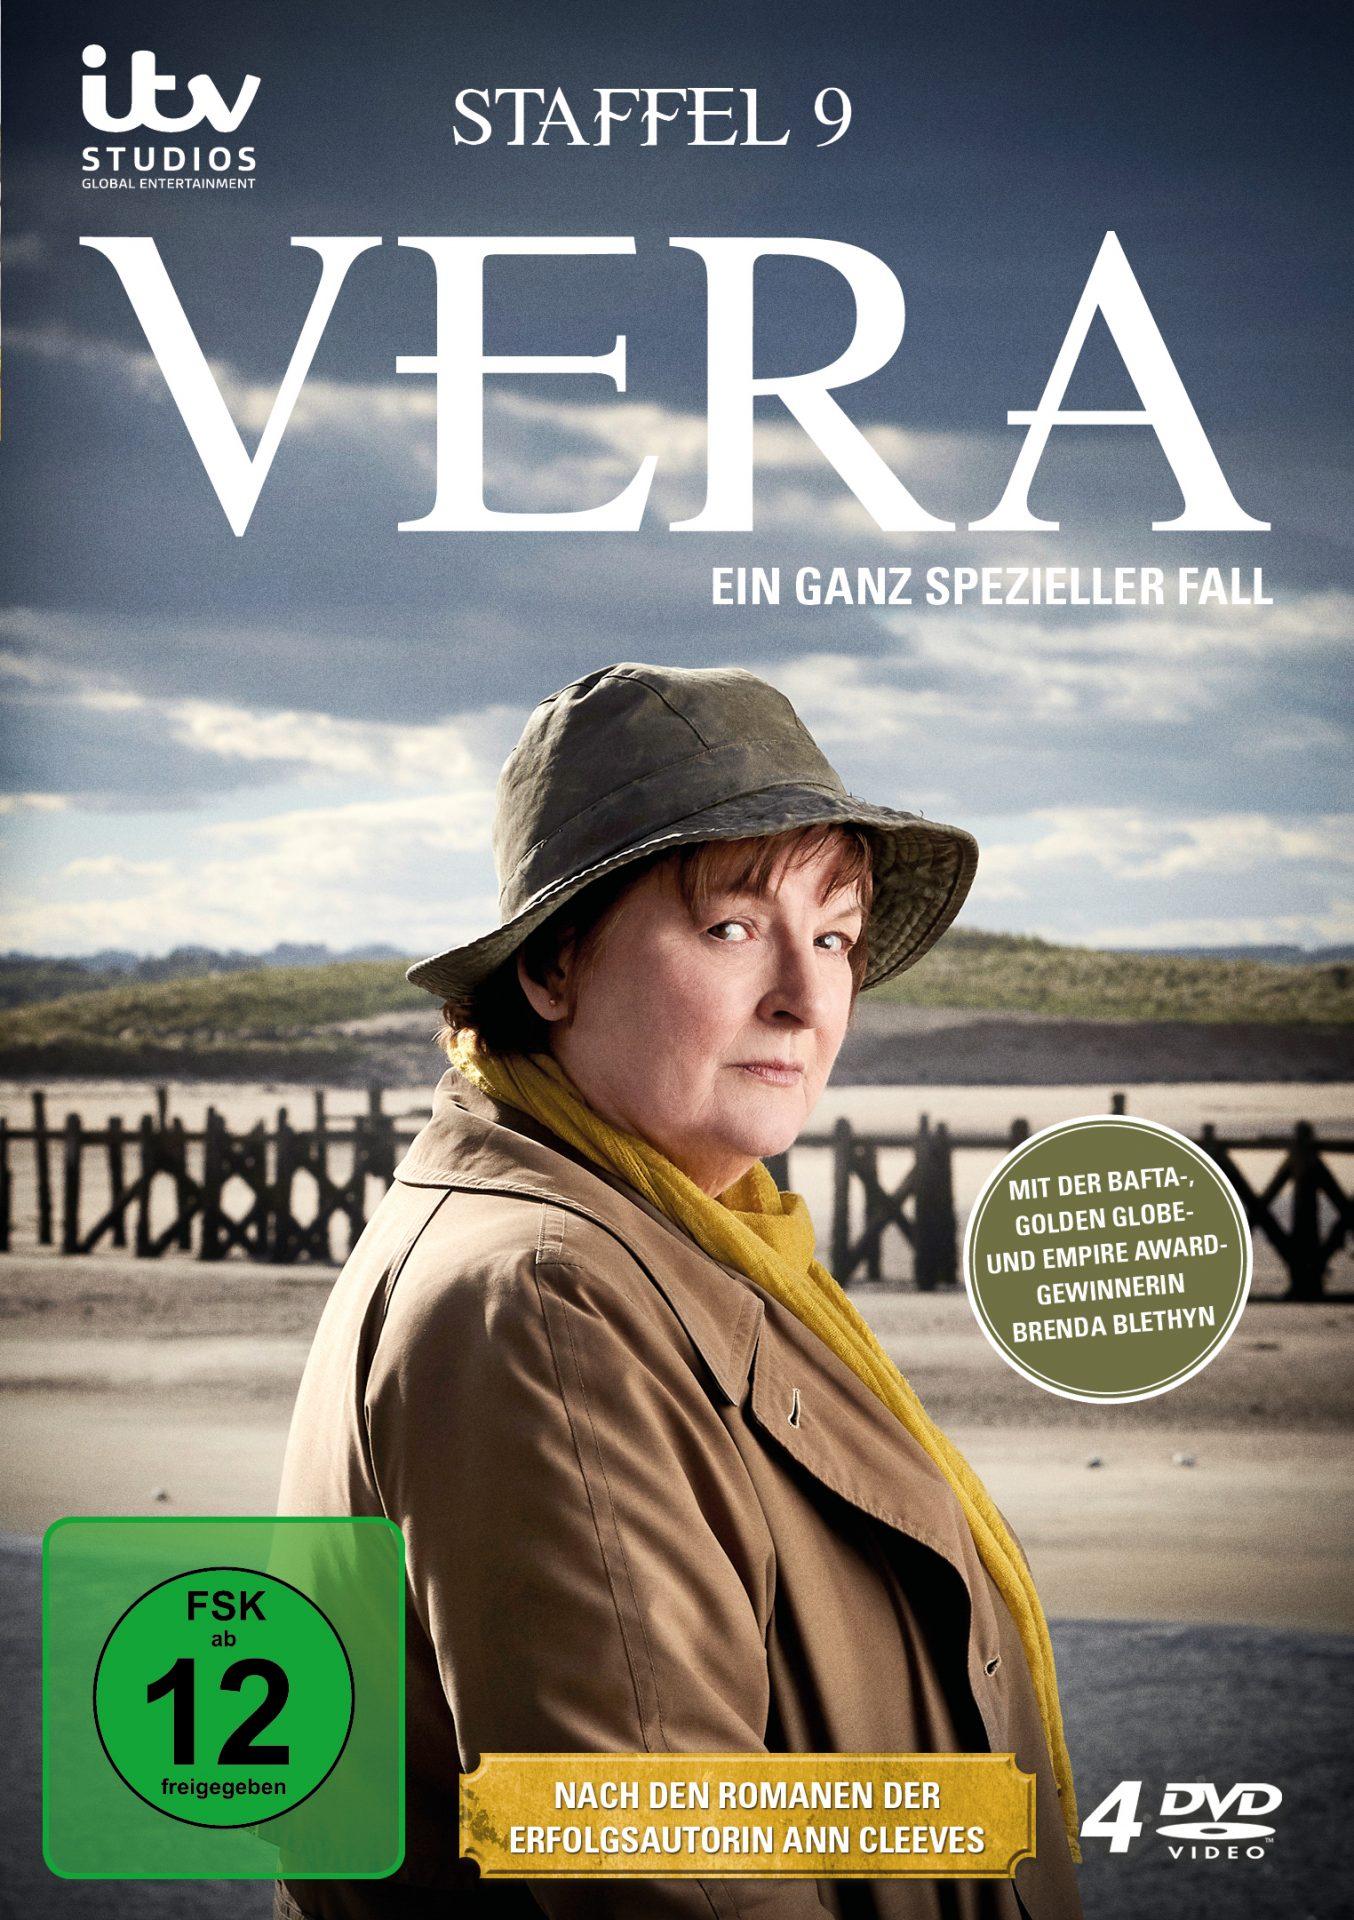 Vera – Ein ganz spezieller Fall Staffel 9